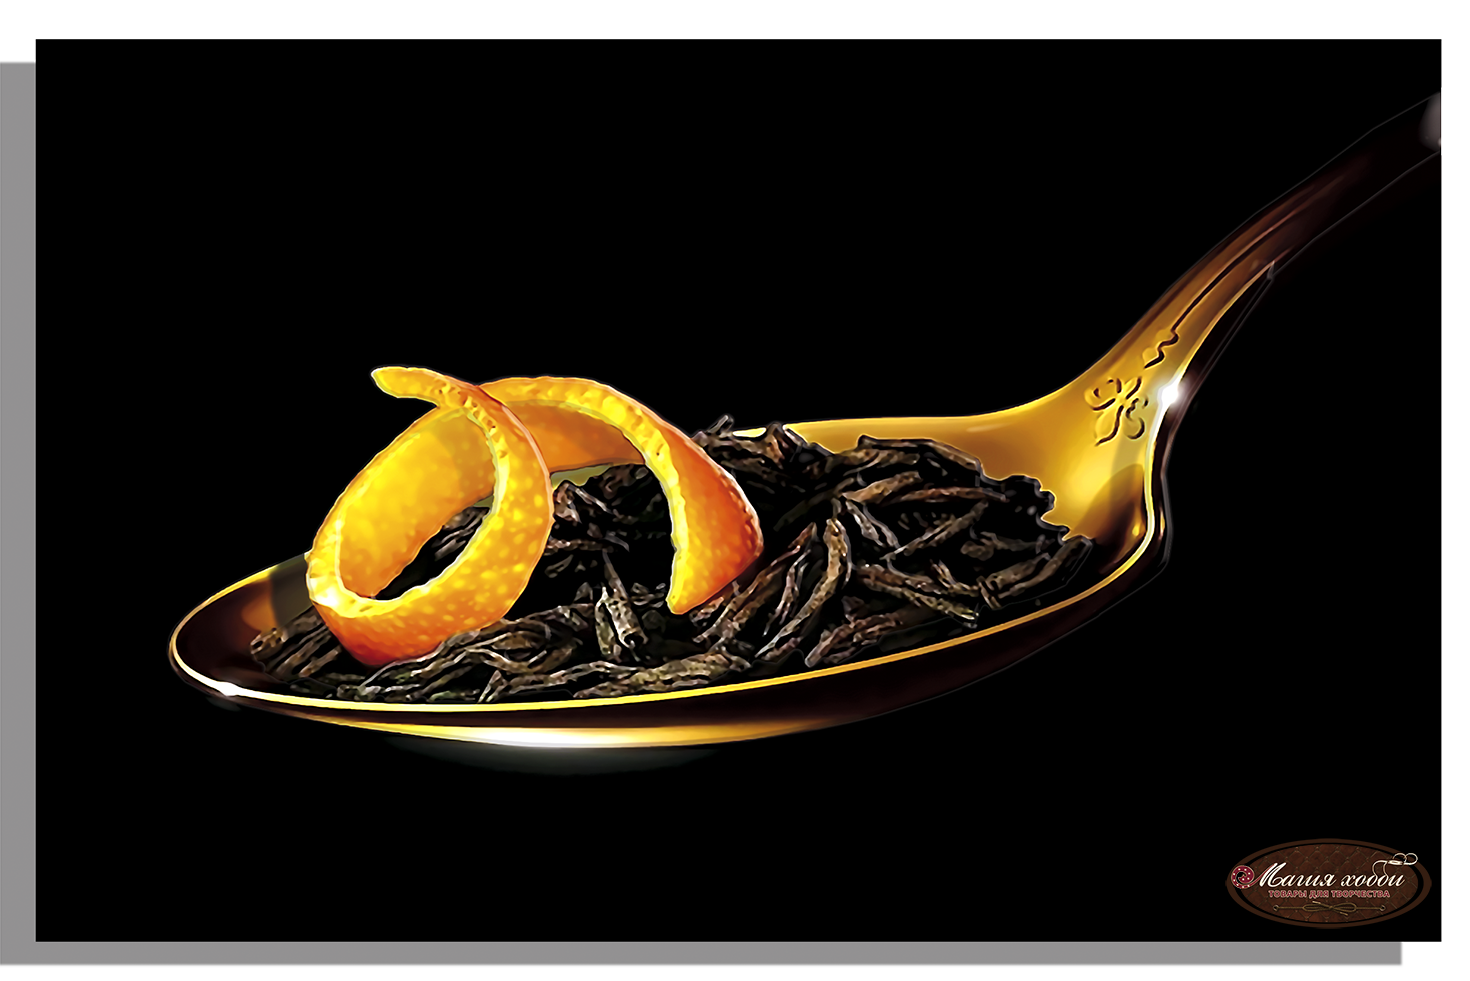 Чай с цедрой, Размер: 15*20